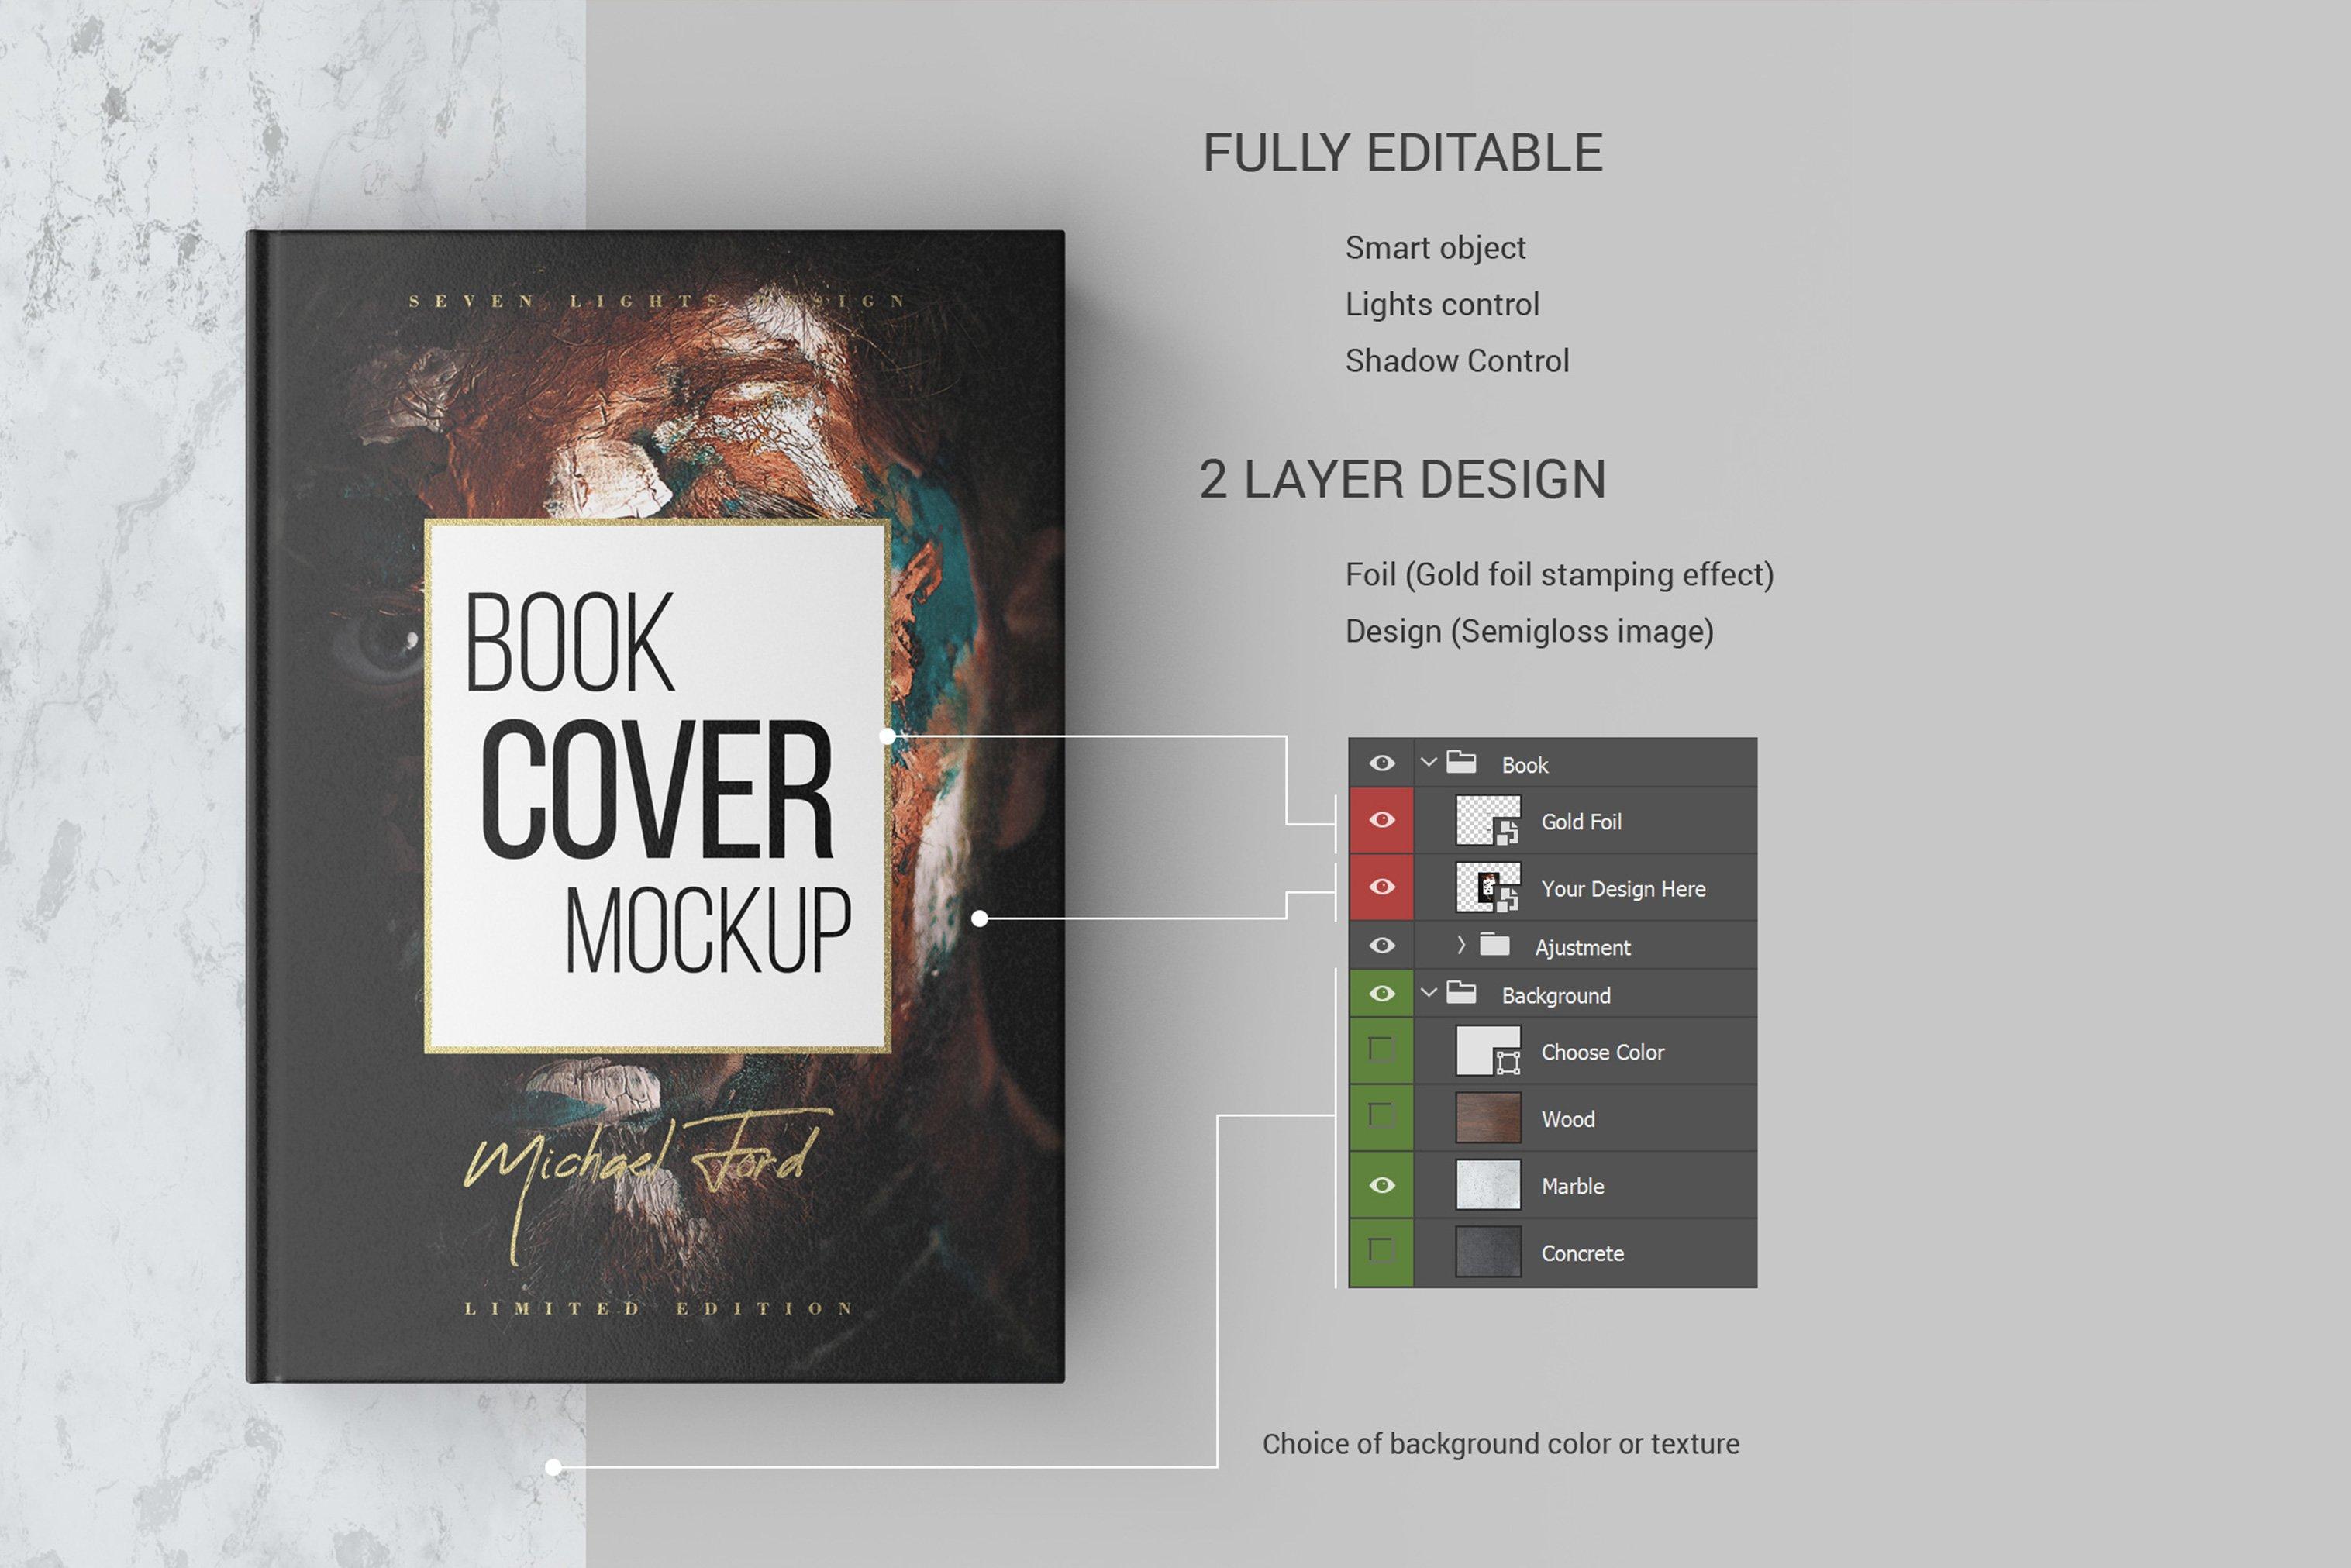 7款精装书封面设计展示样机模板集 Book Cover Mockup Set插图(9)